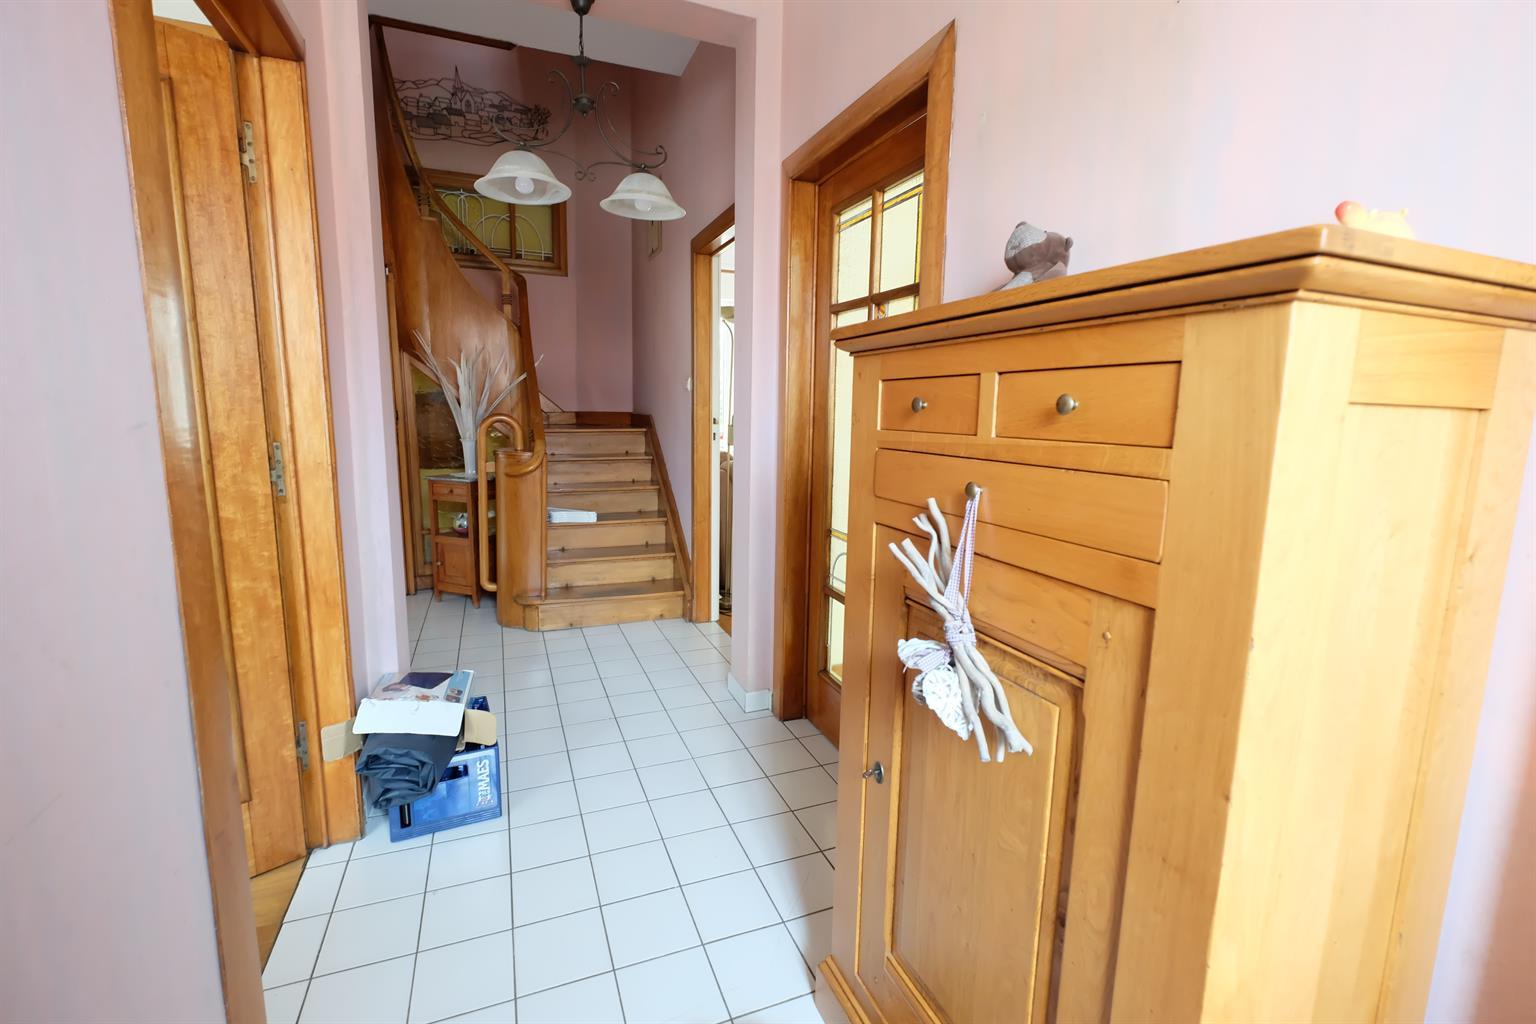 Maison de maître - Tubize - #4083686-1